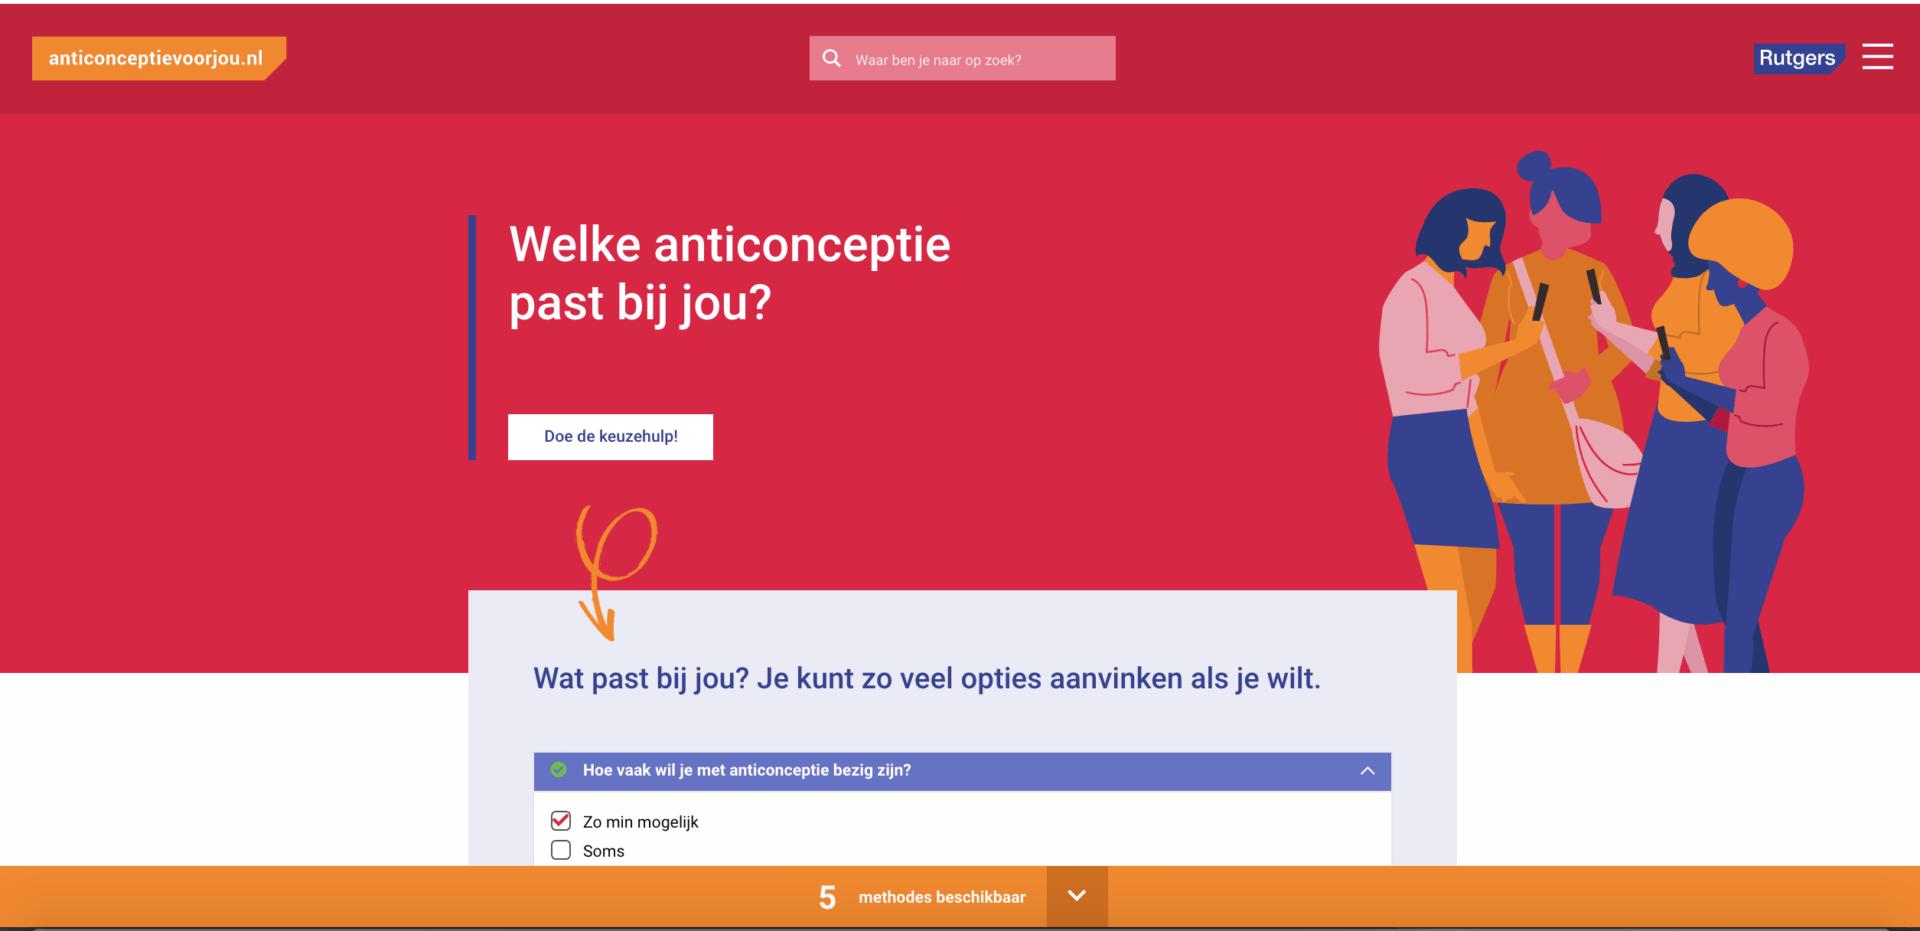 Screenshot 1 van anticonceptievoorjou.nl, website voor Rutgers, gebouwd Stuurlui fullservice WordPress bureau